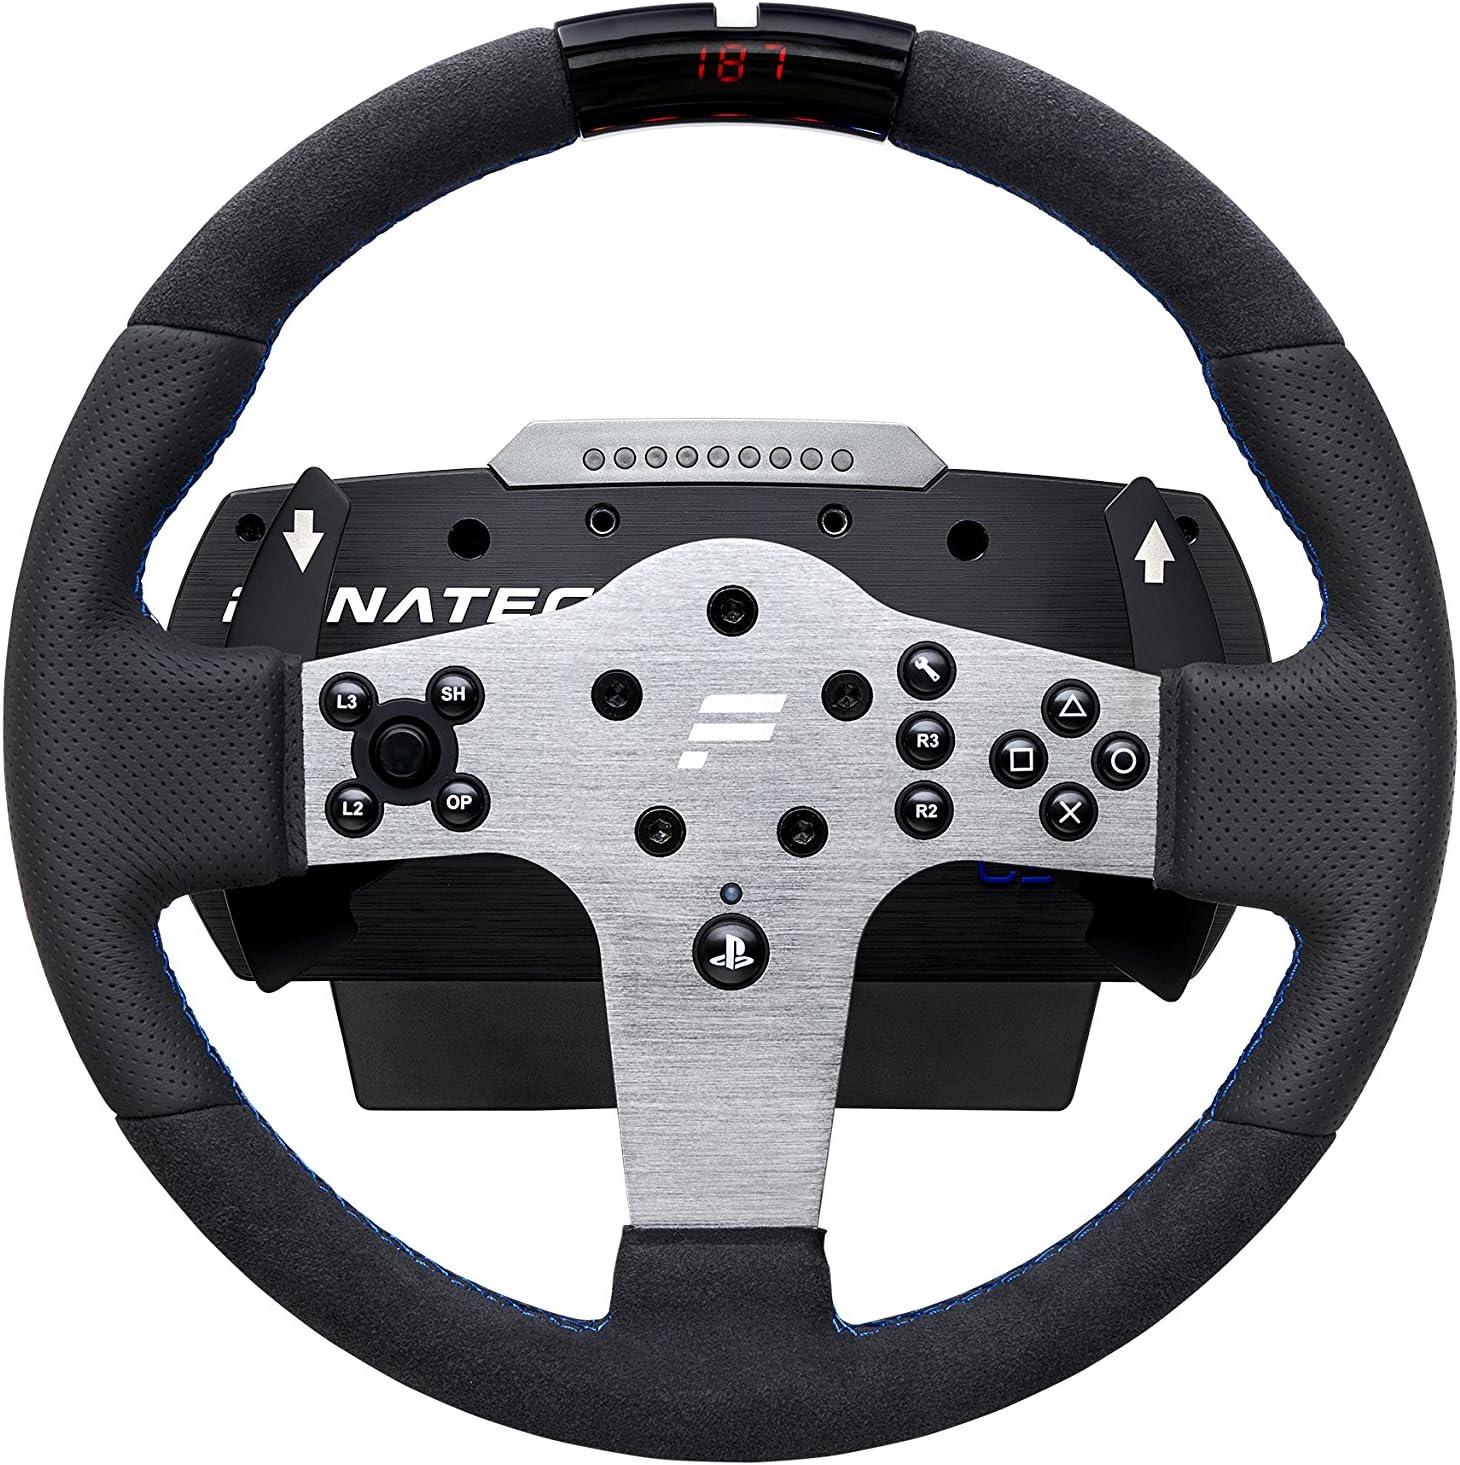 Fanatec CSL Elite Racing Wheel - con licencia oficial para PS4™: Amazon.es: Videojuegos